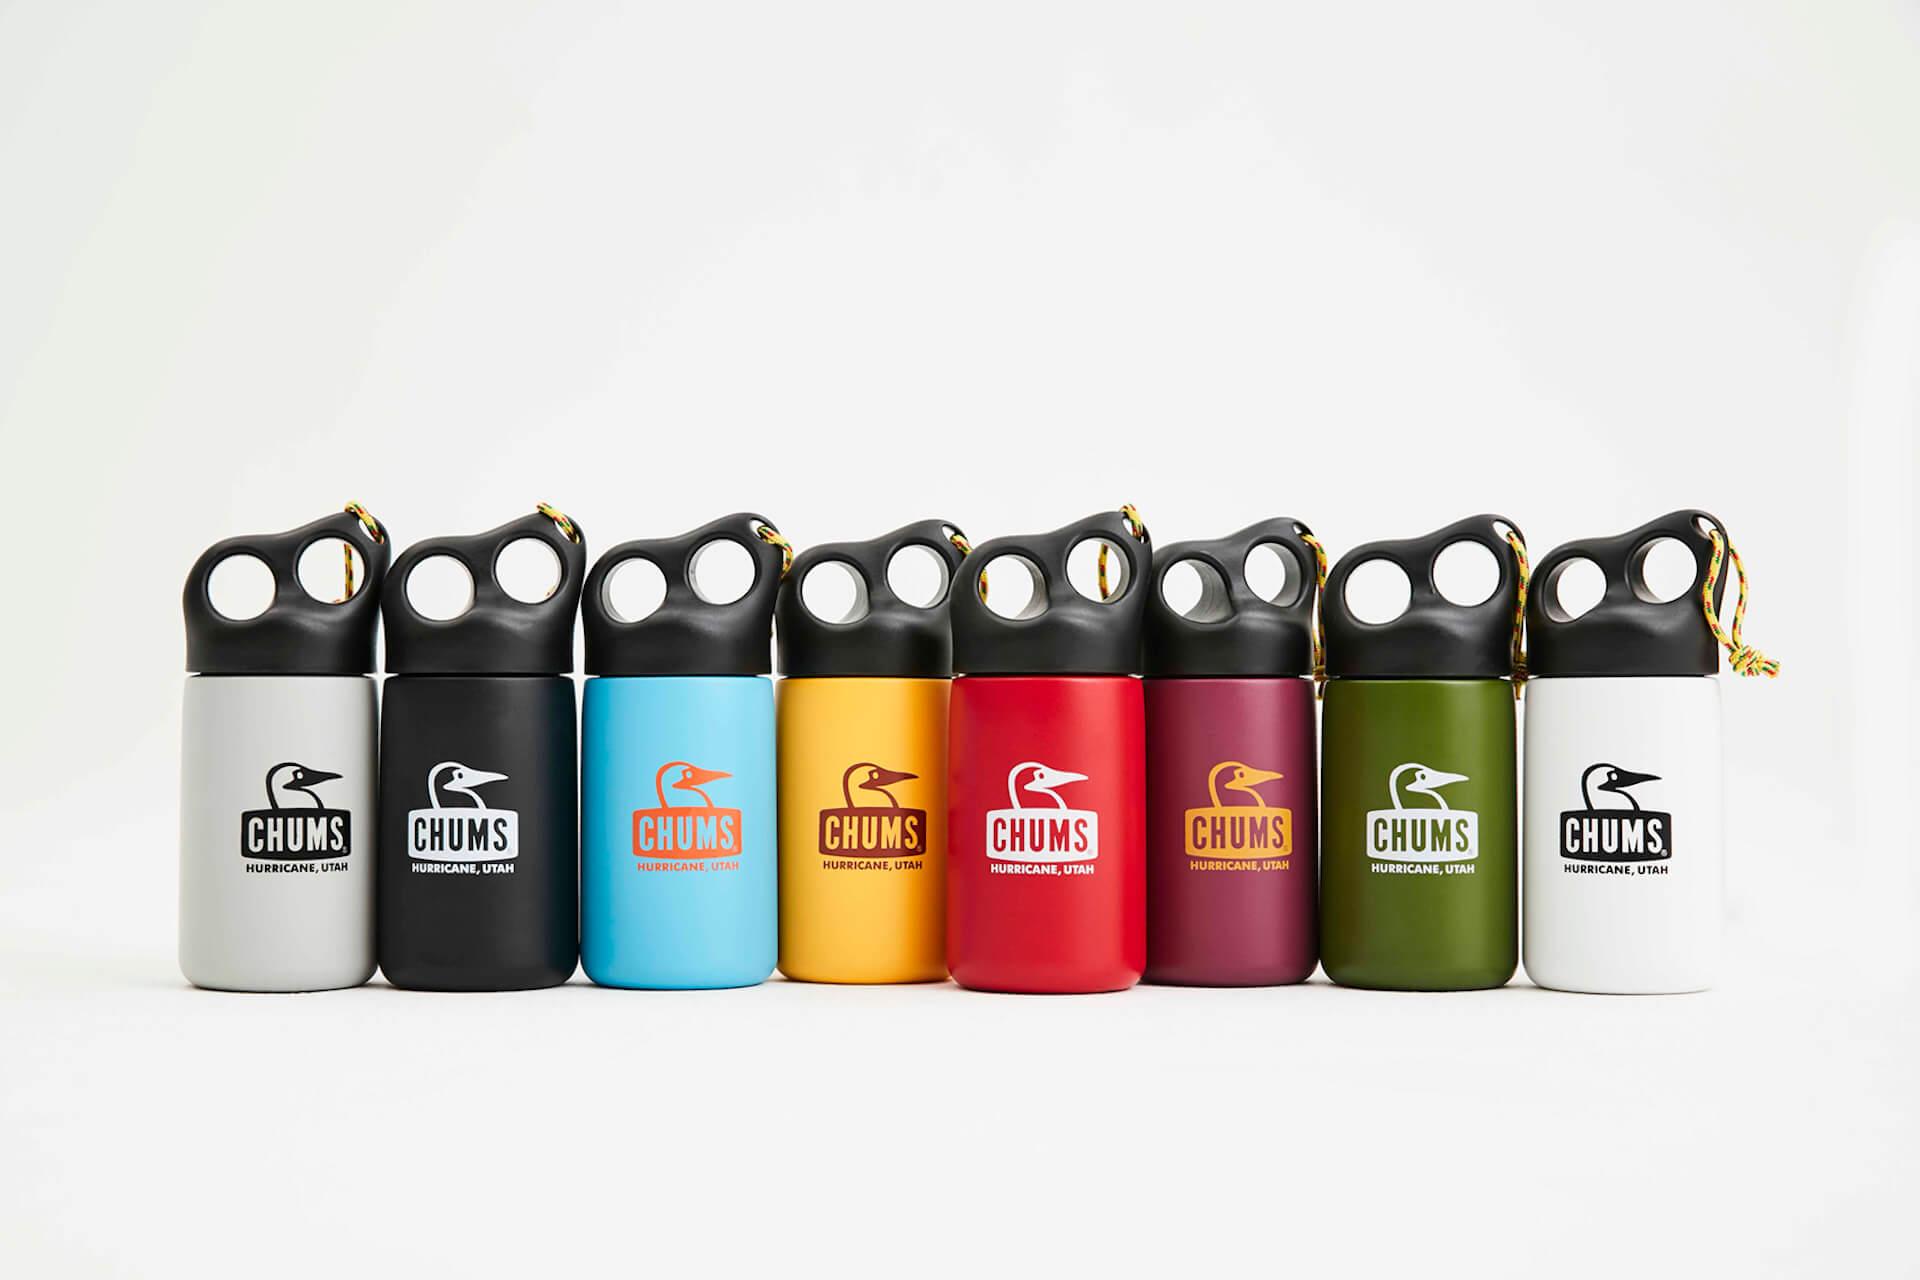 チャムスから環境に優しいカラフルでポップな3サイズ全8色のステンレスボトルが登場 camperstainlessbottle320